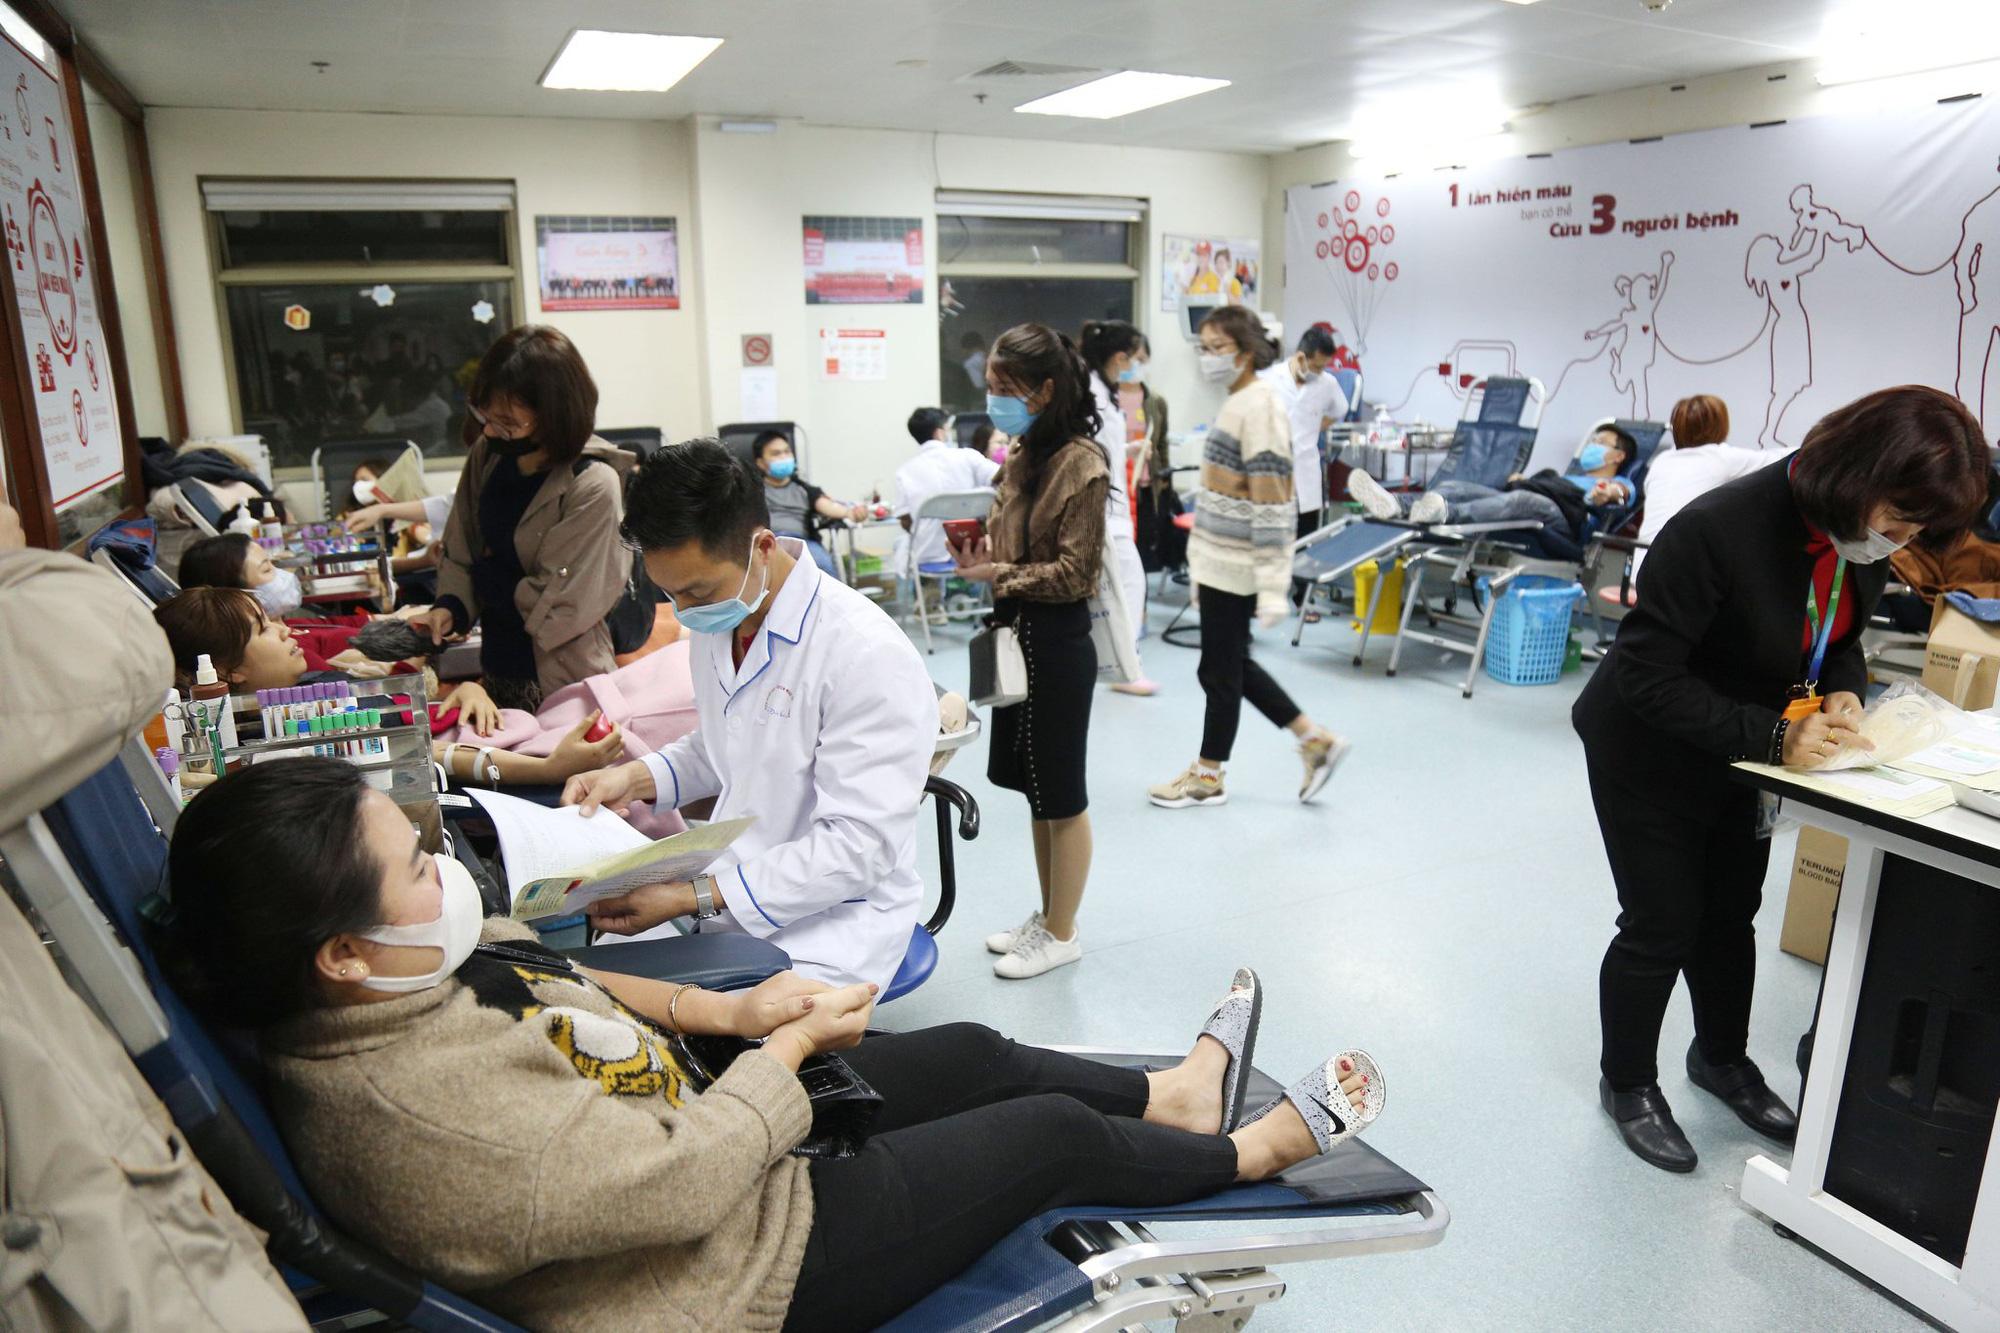 Lượng máu dự trữ chỉ đủ dùng trong 4 ngày, BV Việt Đức kêu gọi hiến máu-ảnh 5